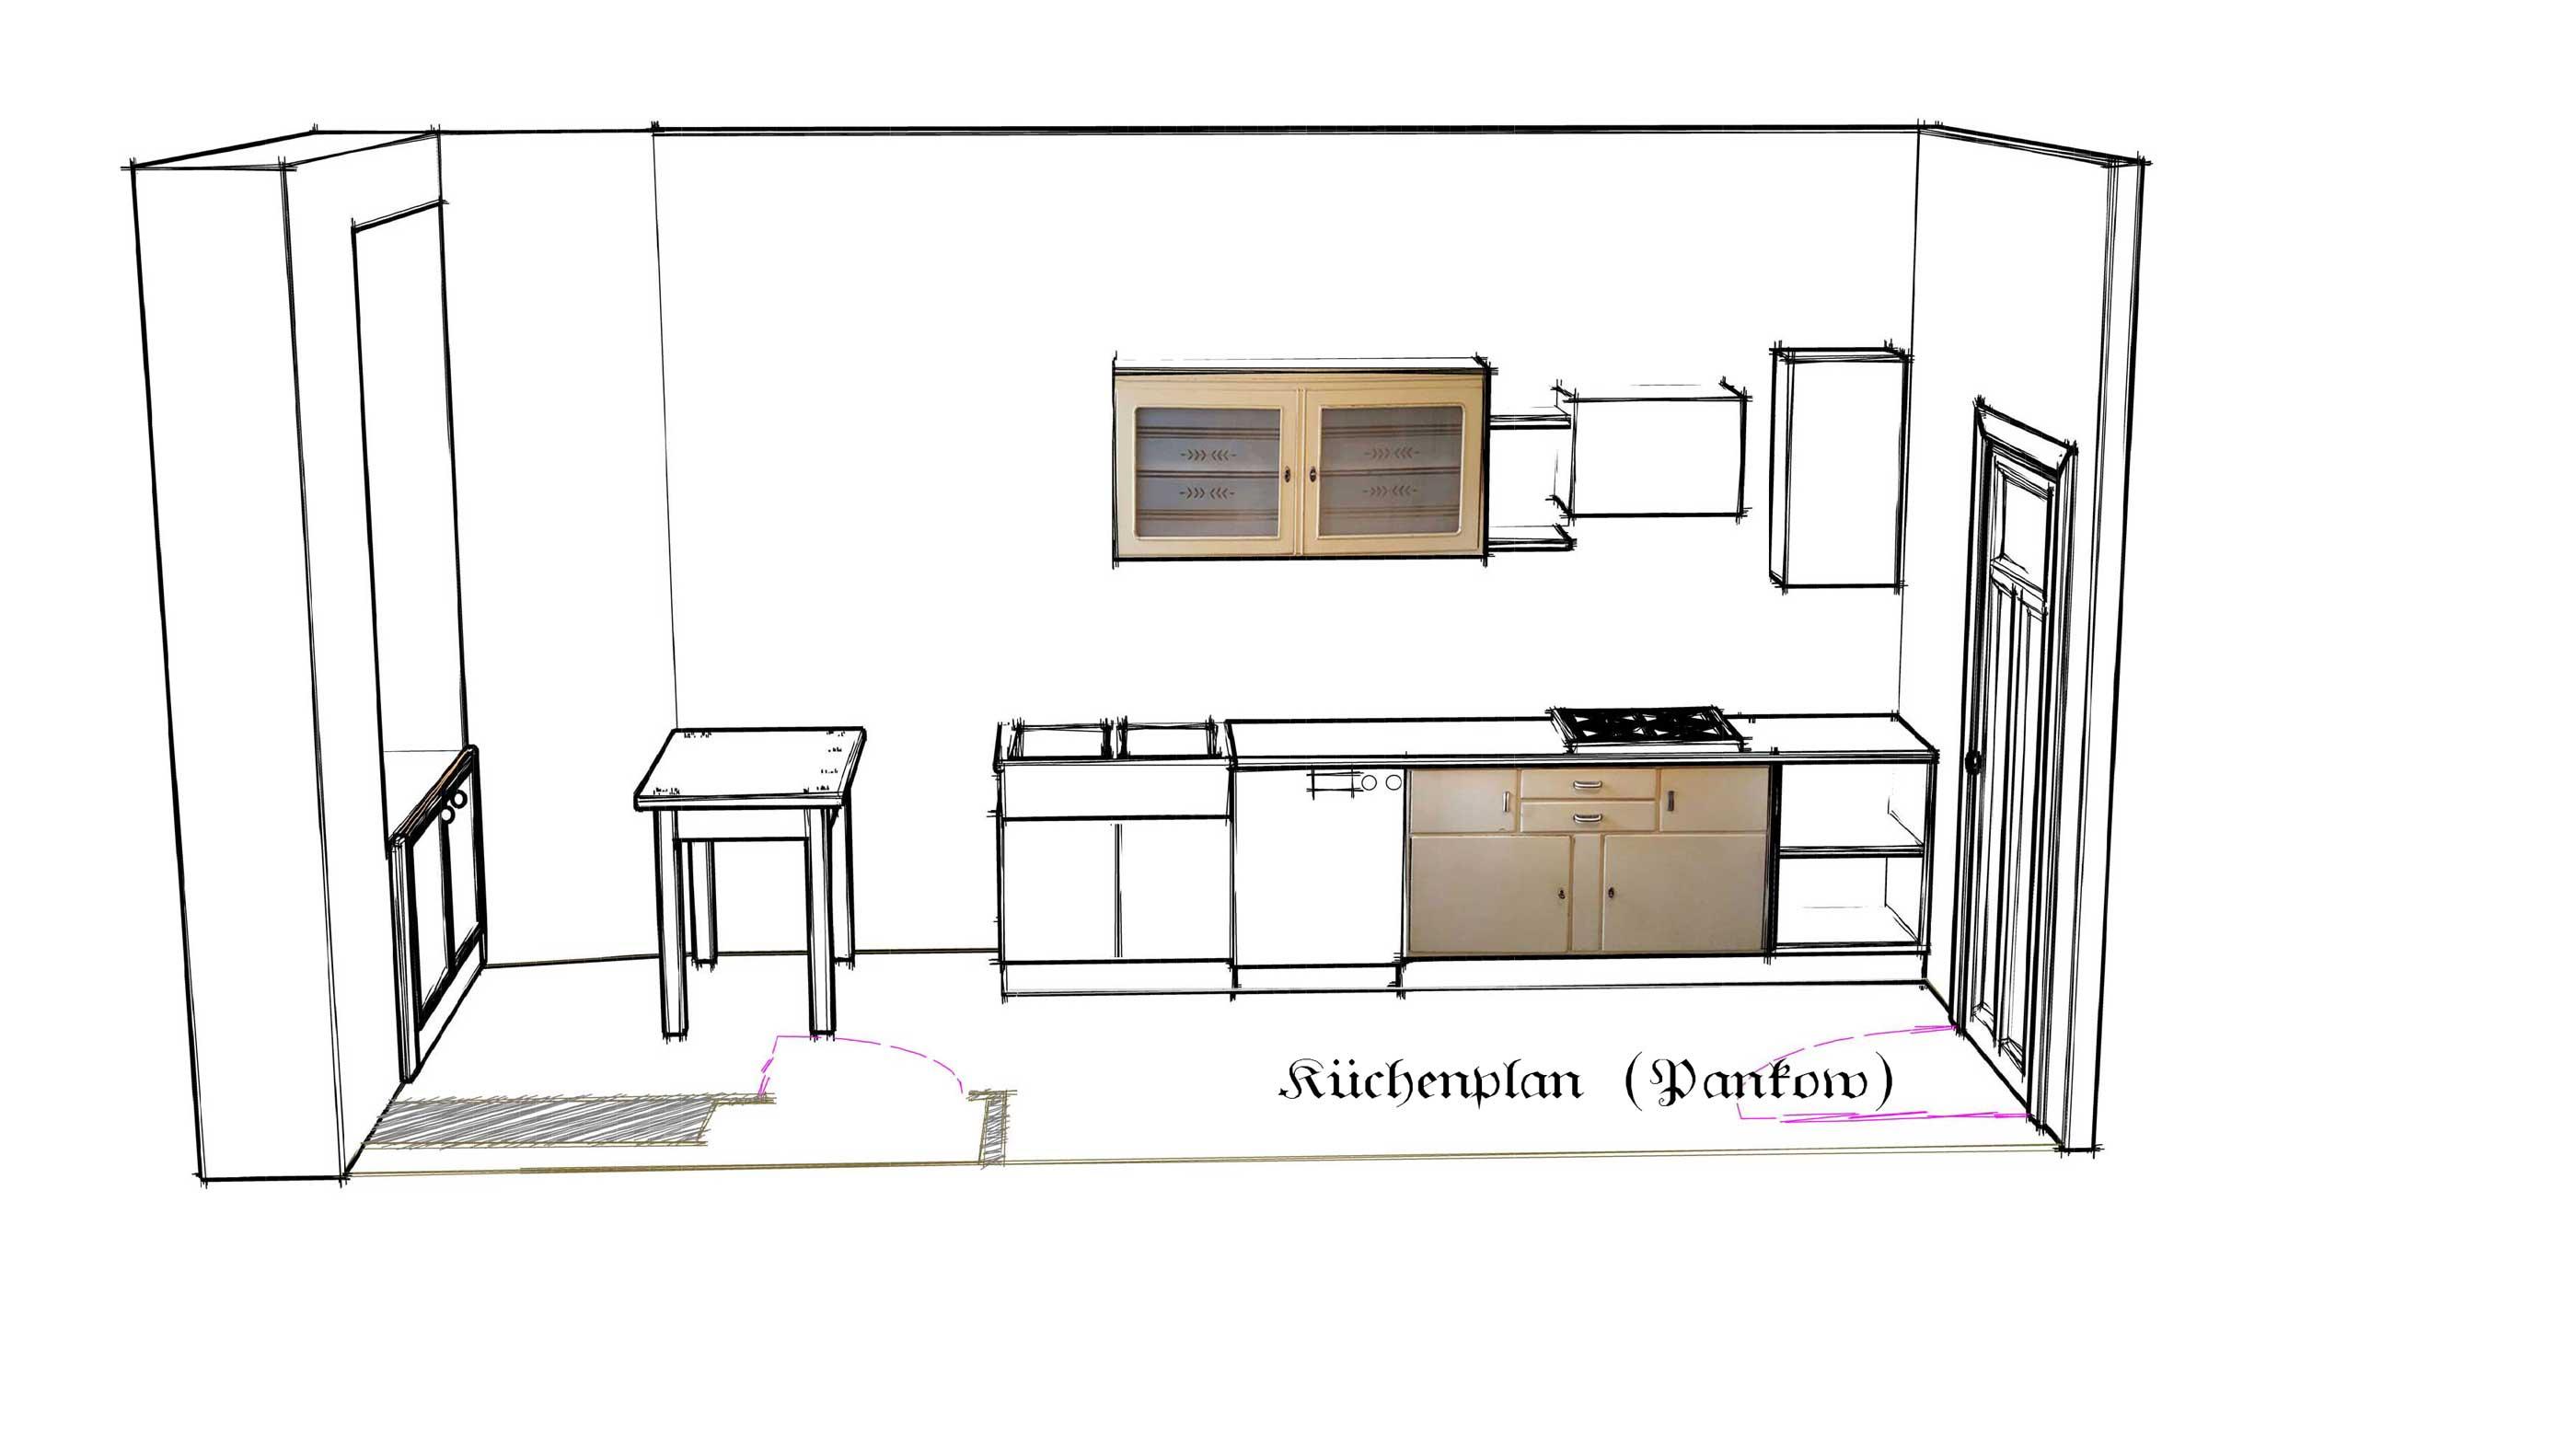 Kueche-skizze-Model-(web)